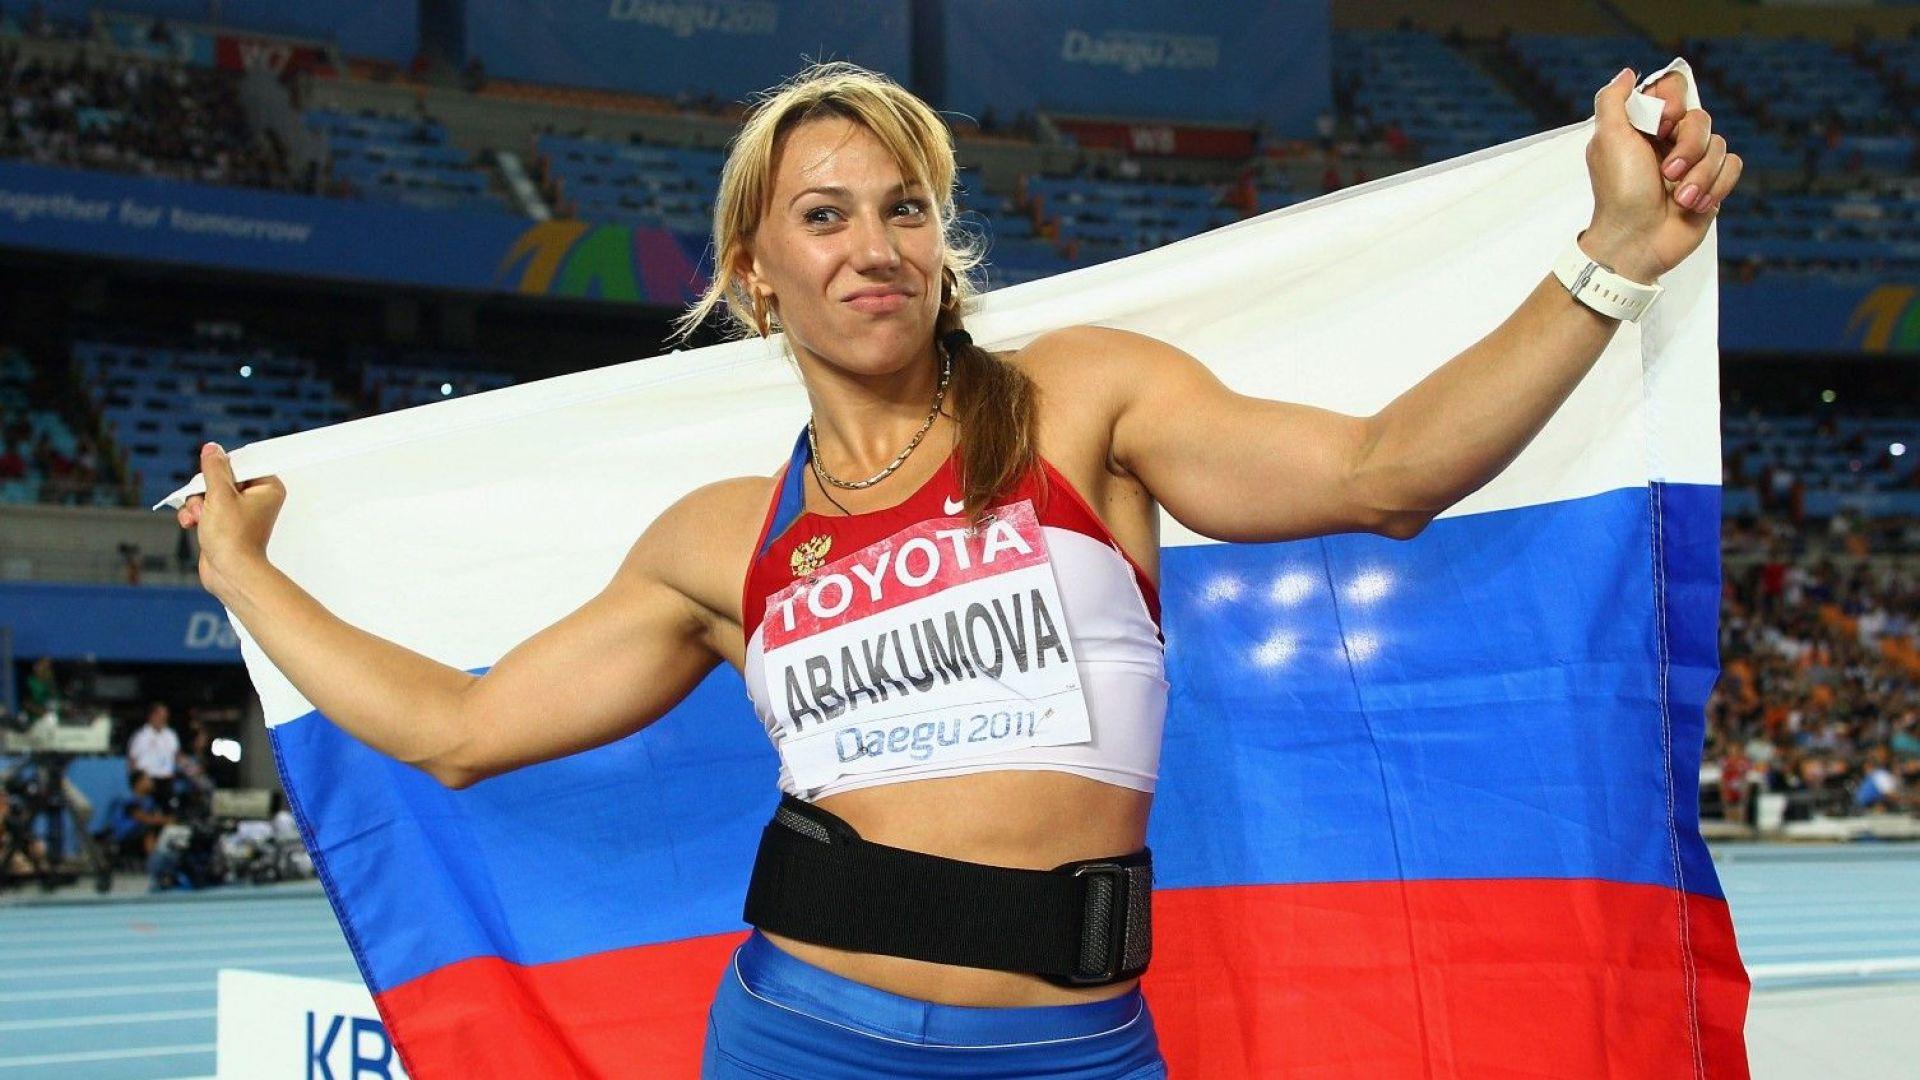 Отнеха олимпийските медали на още две руски лекоатлетки